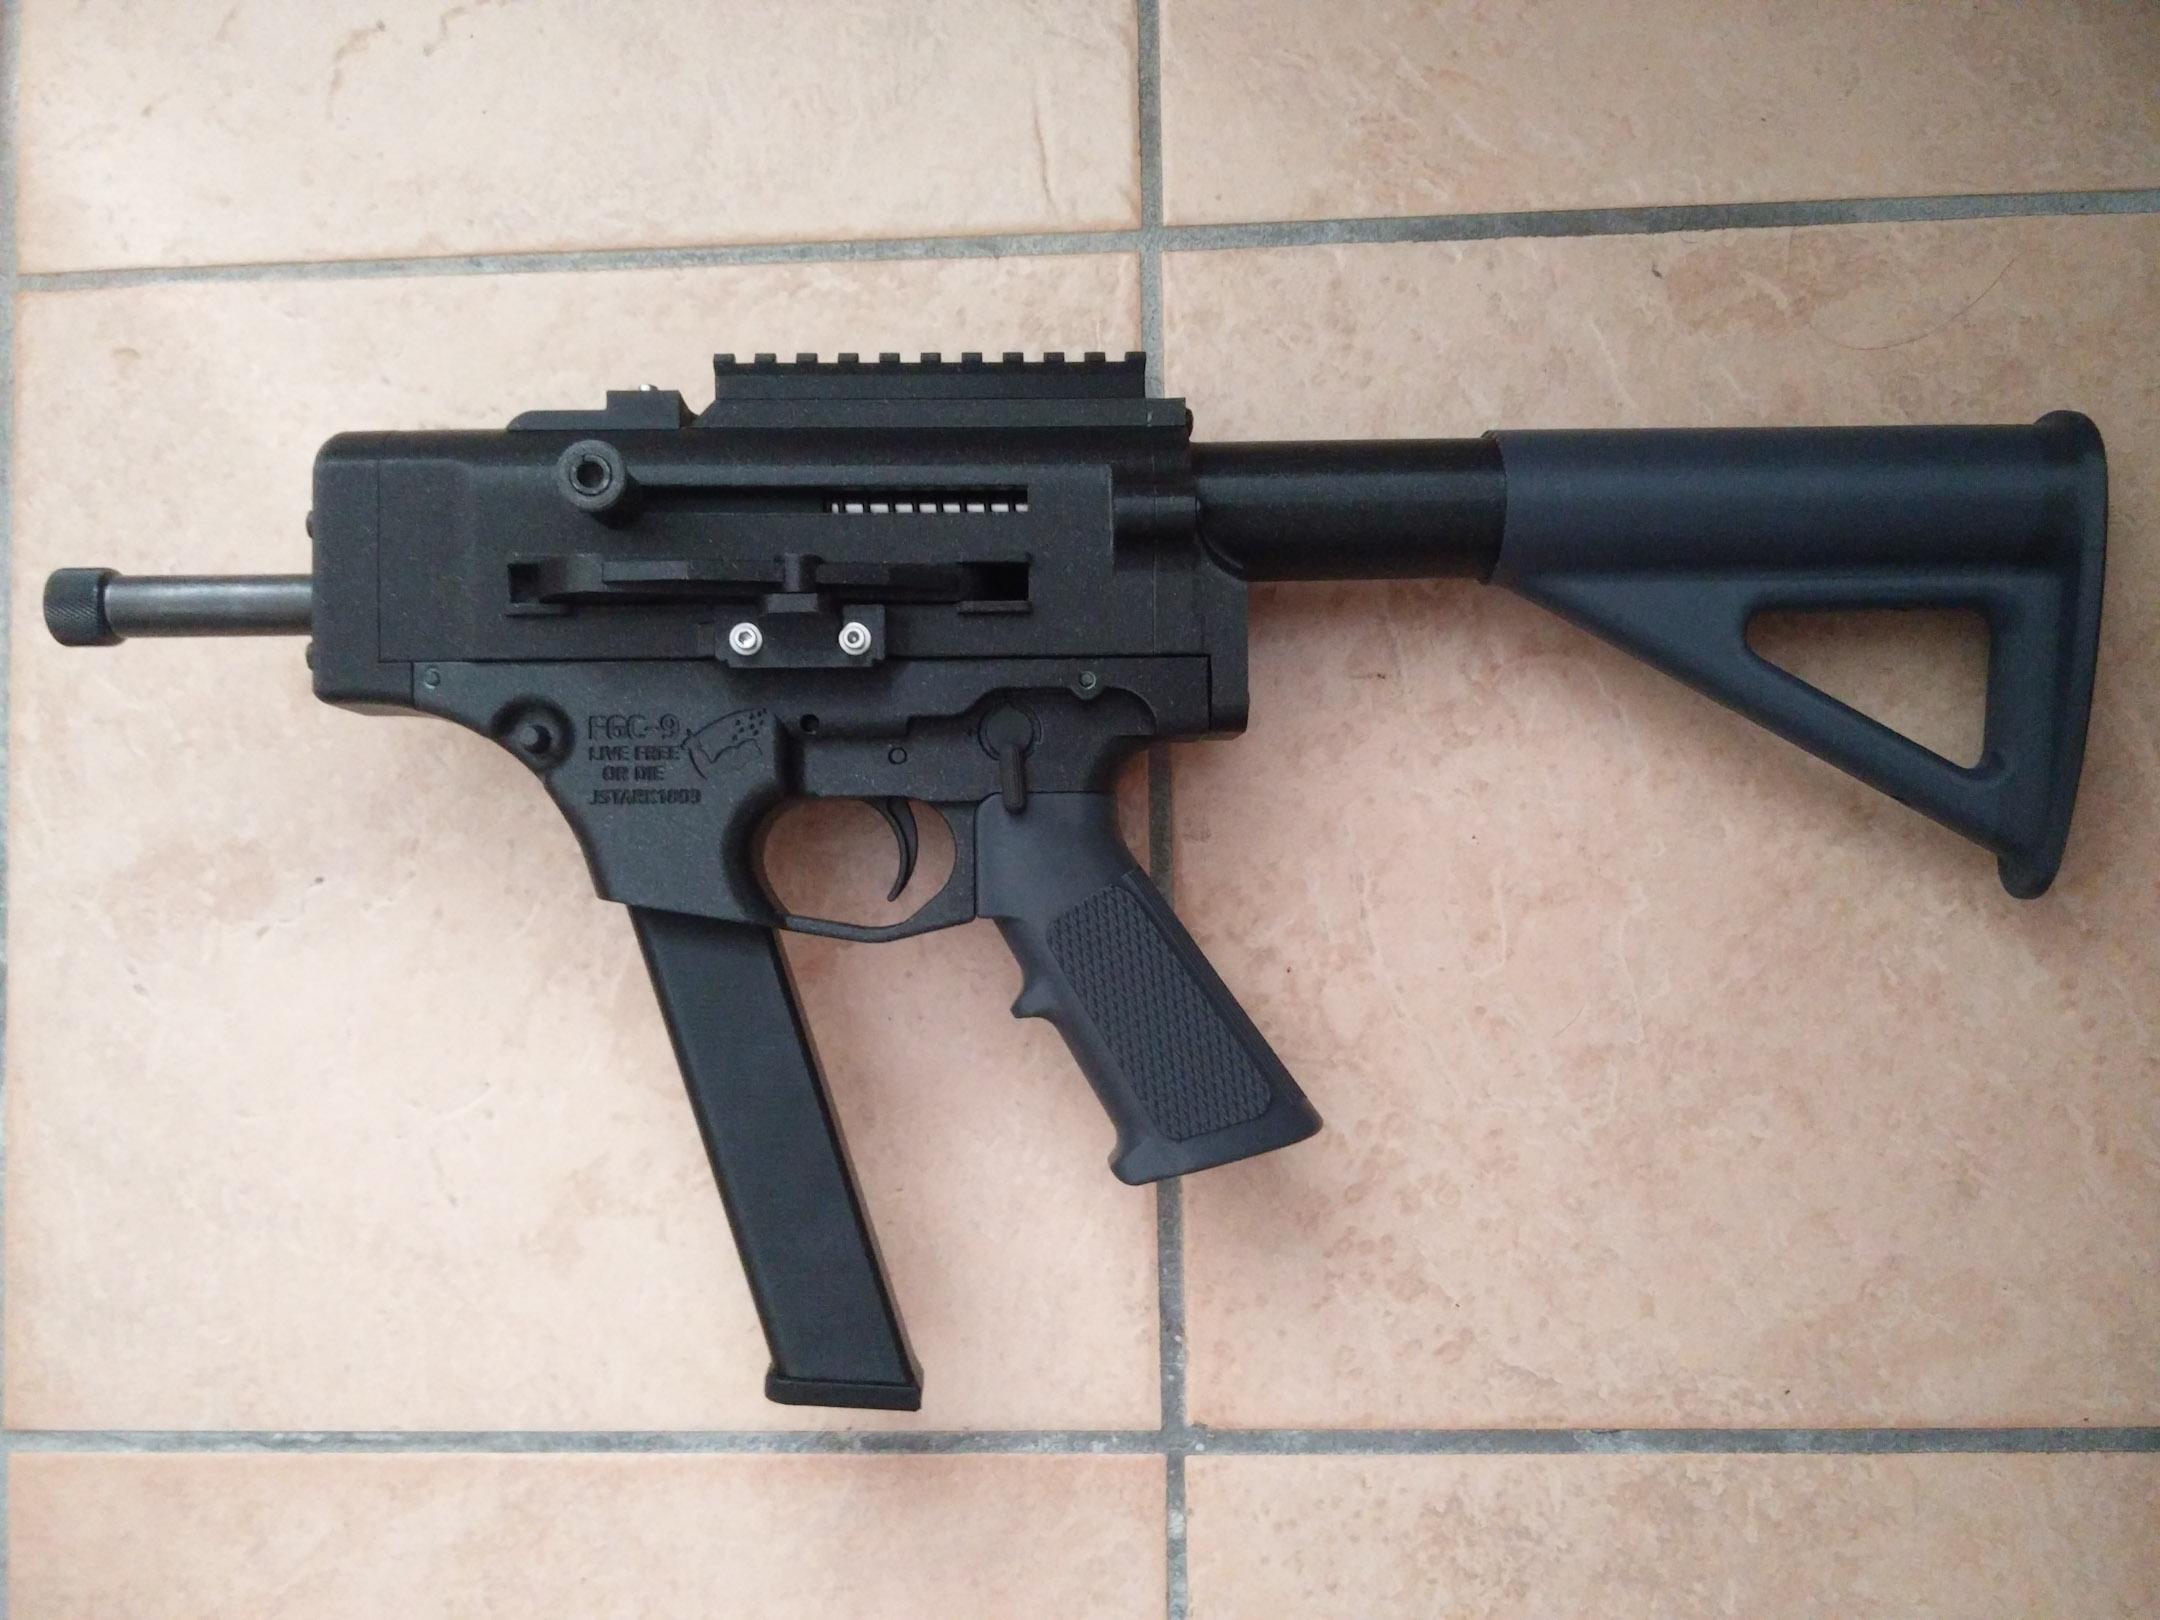 Огнестрельный DIY: история и перспективы 3D-печатного оружия - 19